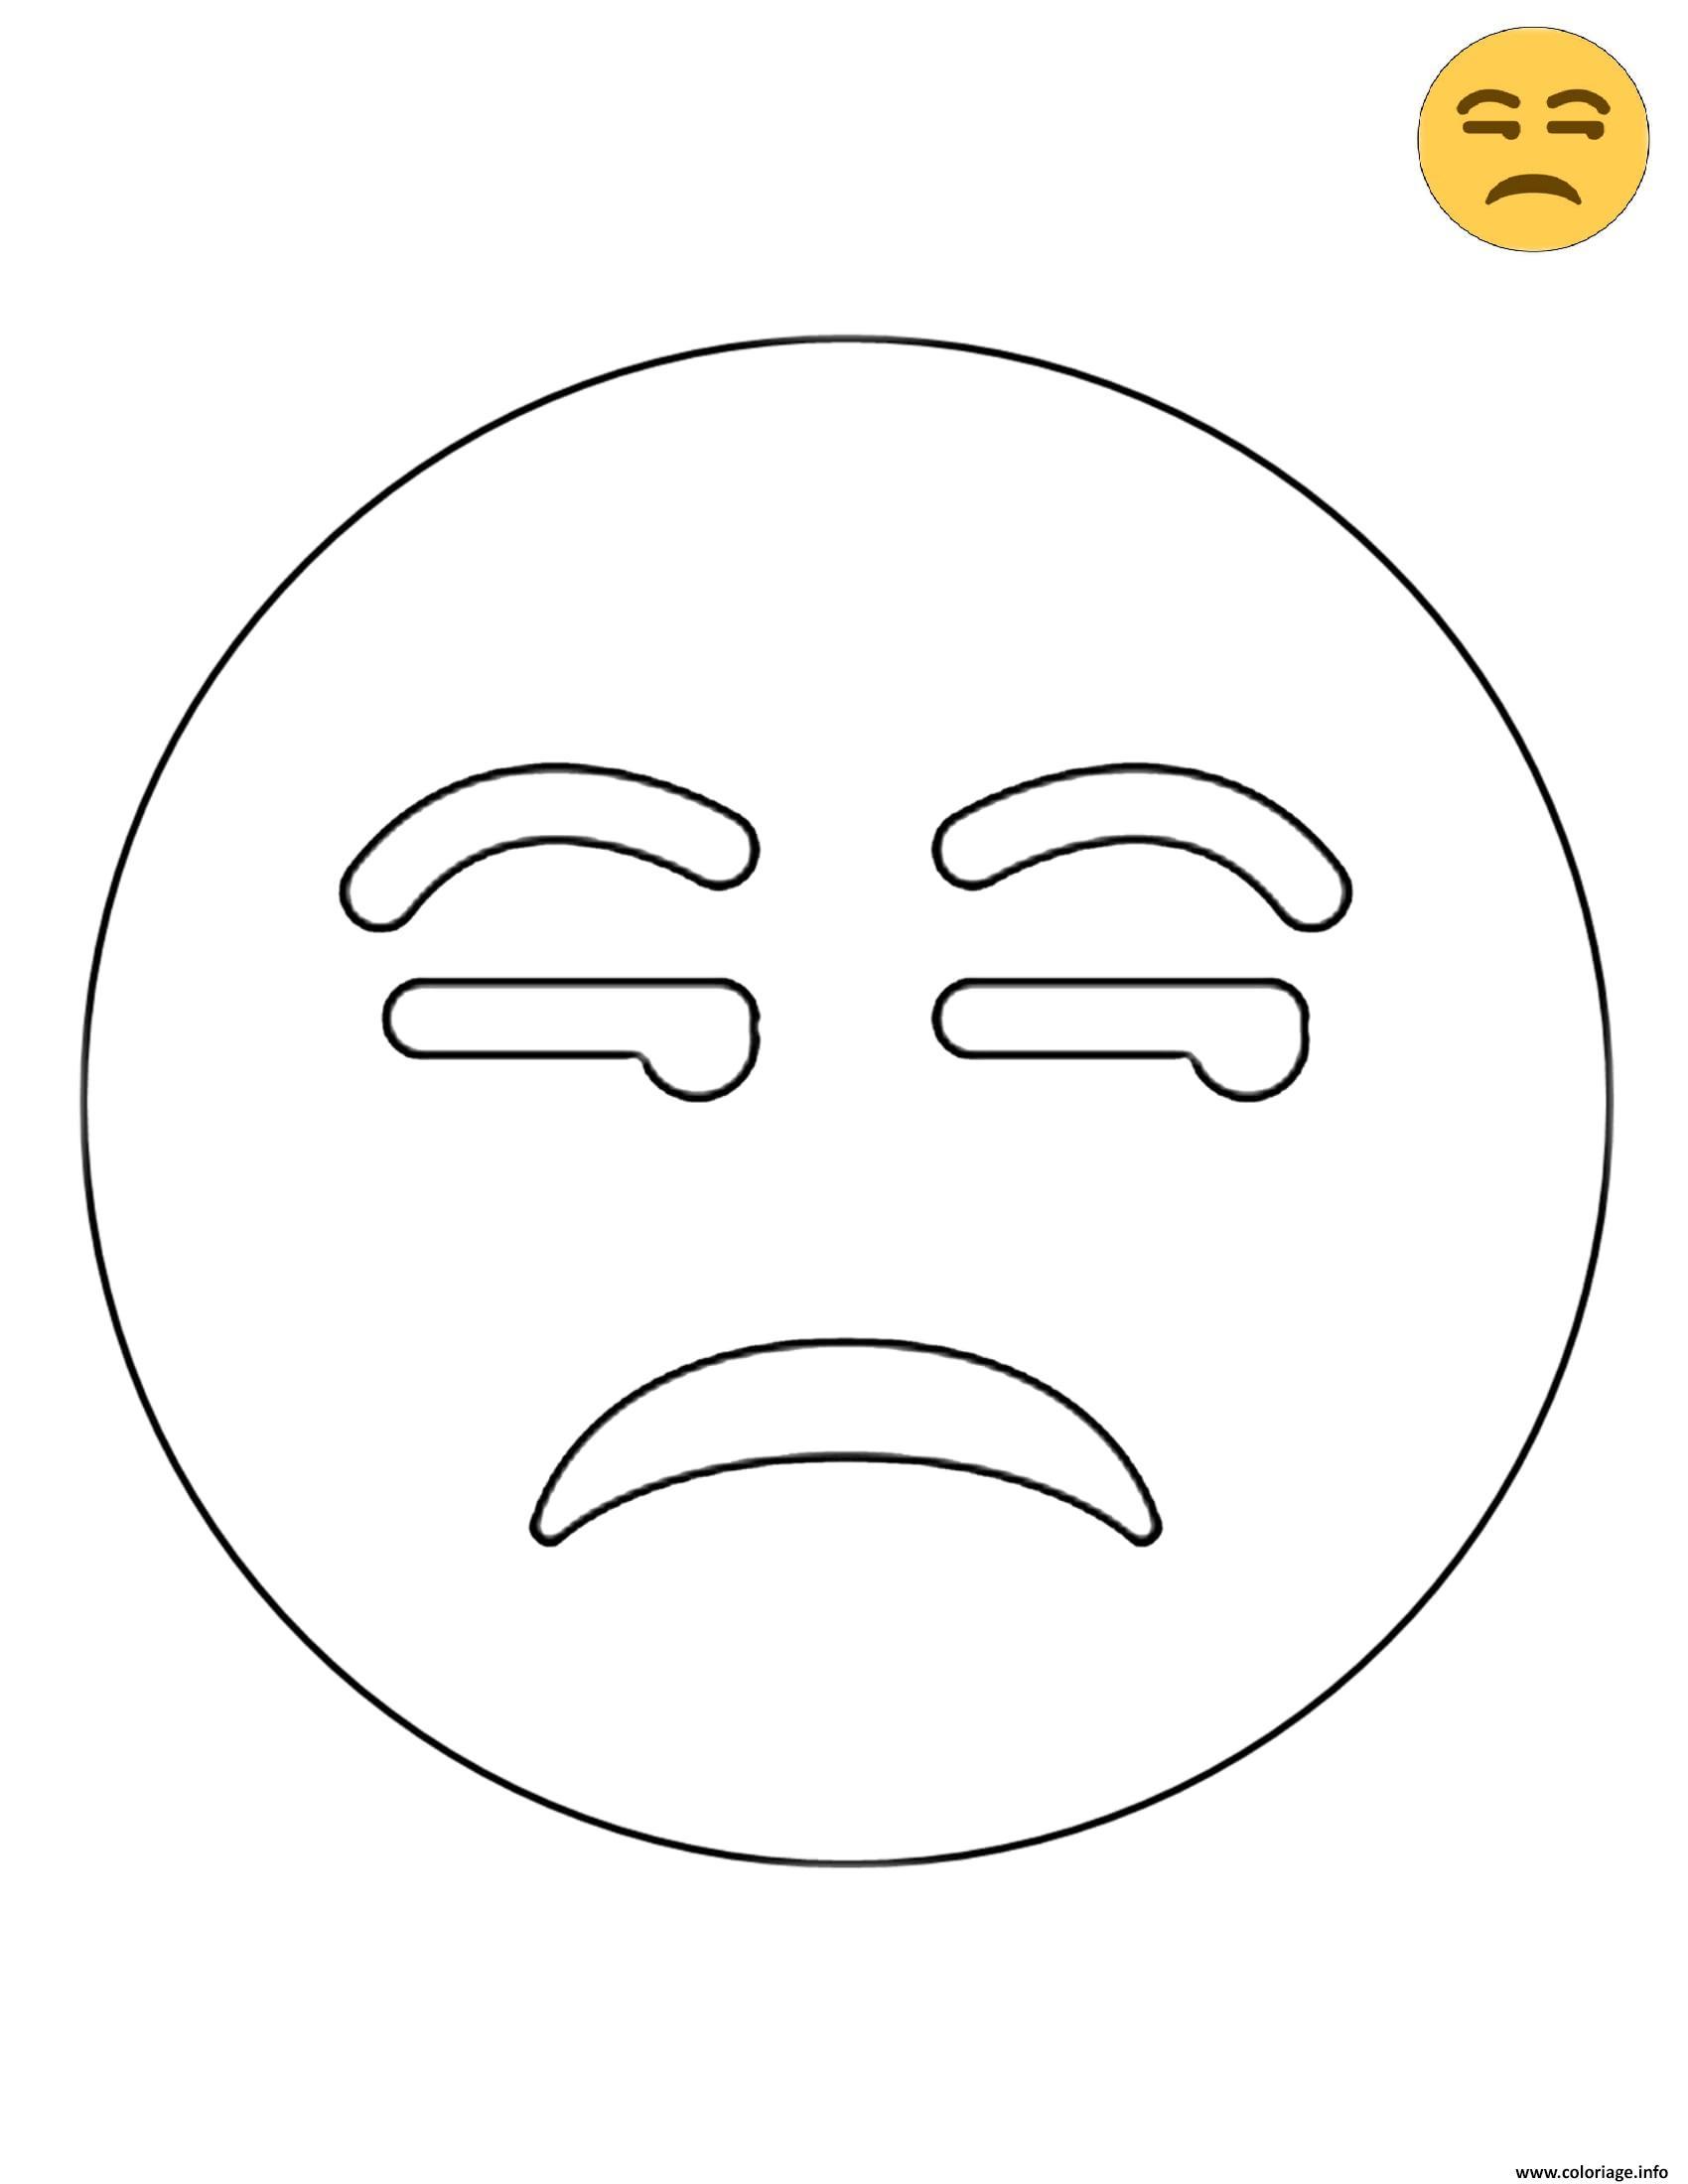 Coloriage Twitter Unamused Face Emoji dessin